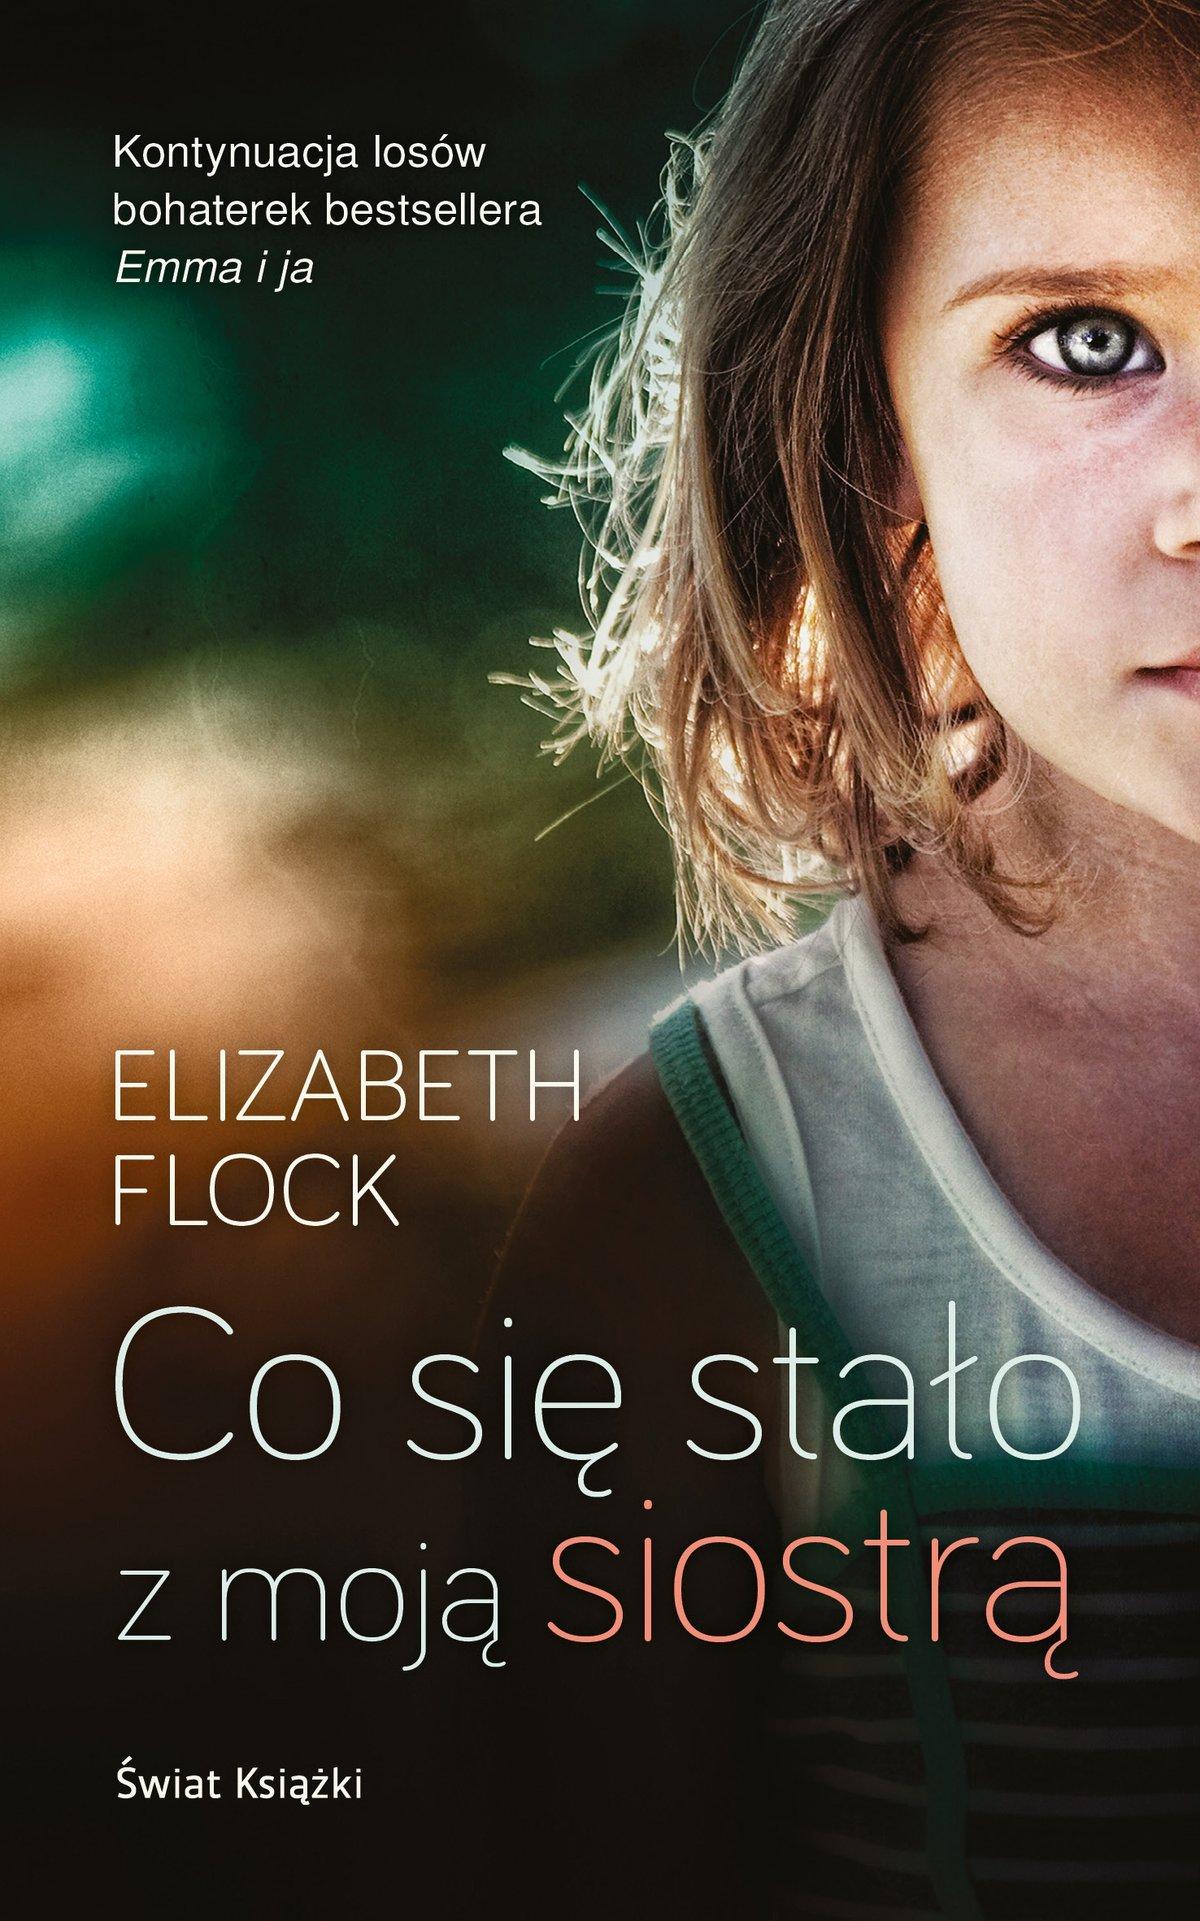 Co się stało z moją siostrą? - Ebook (Książka EPUB) do pobrania w formacie EPUB